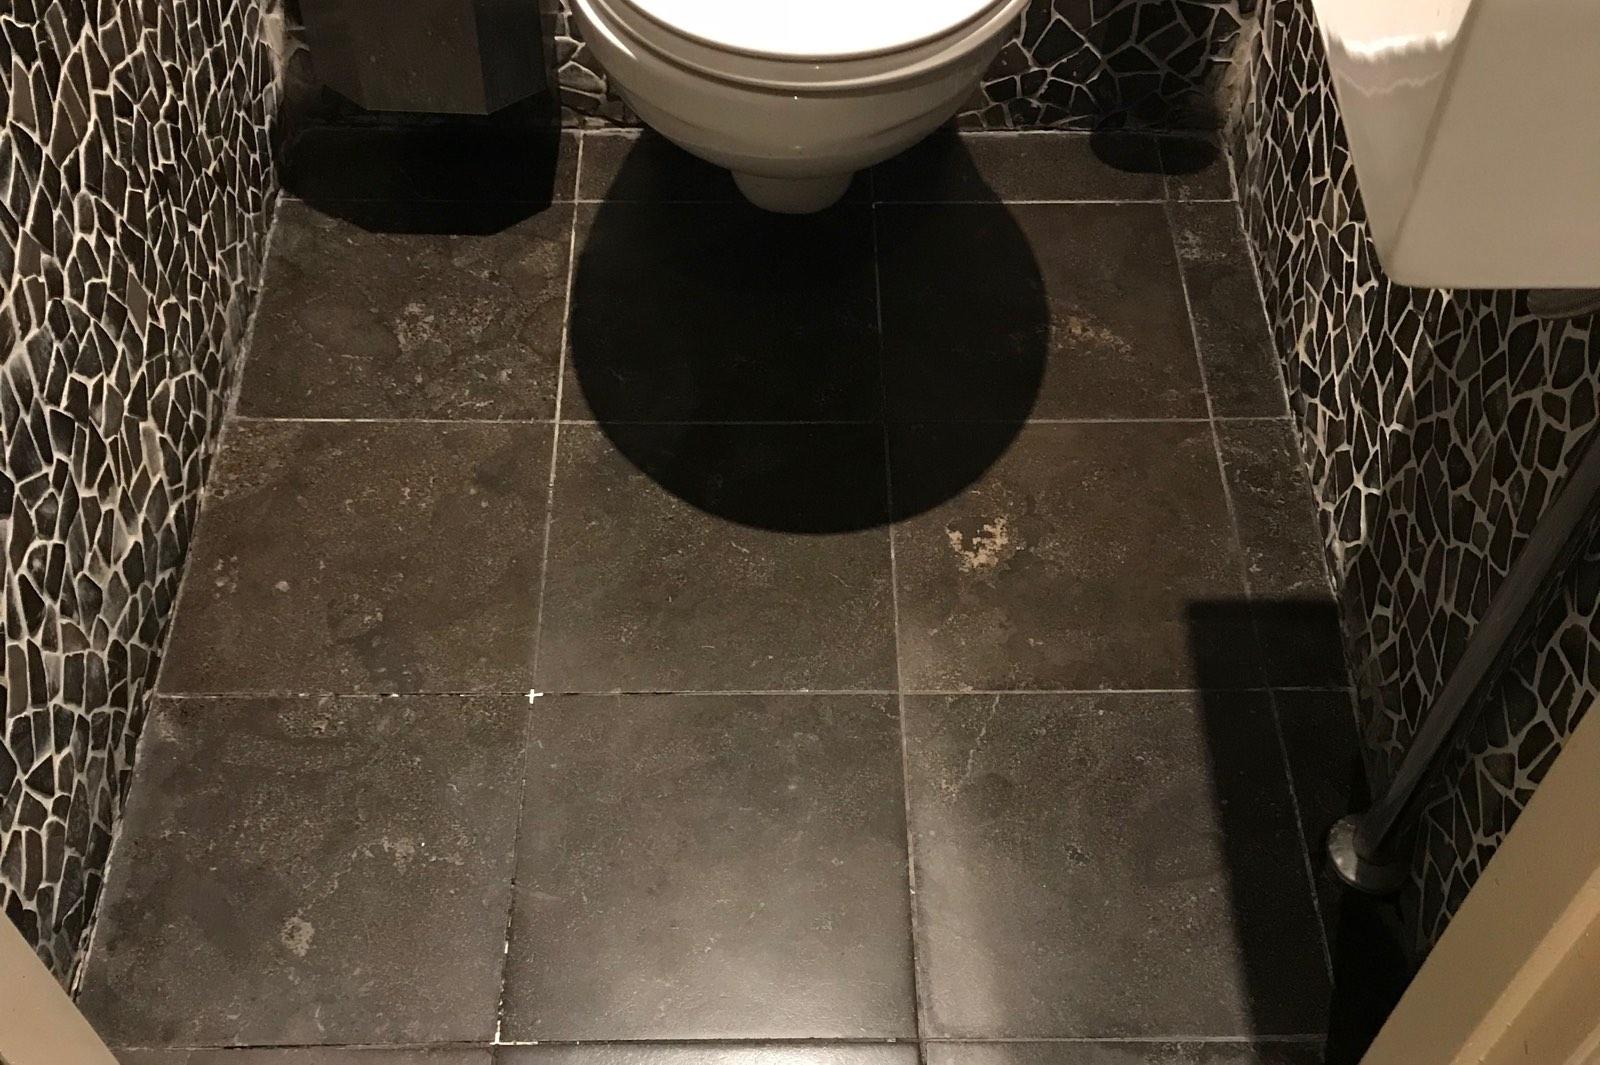 Reiniging vloer onderhoud na